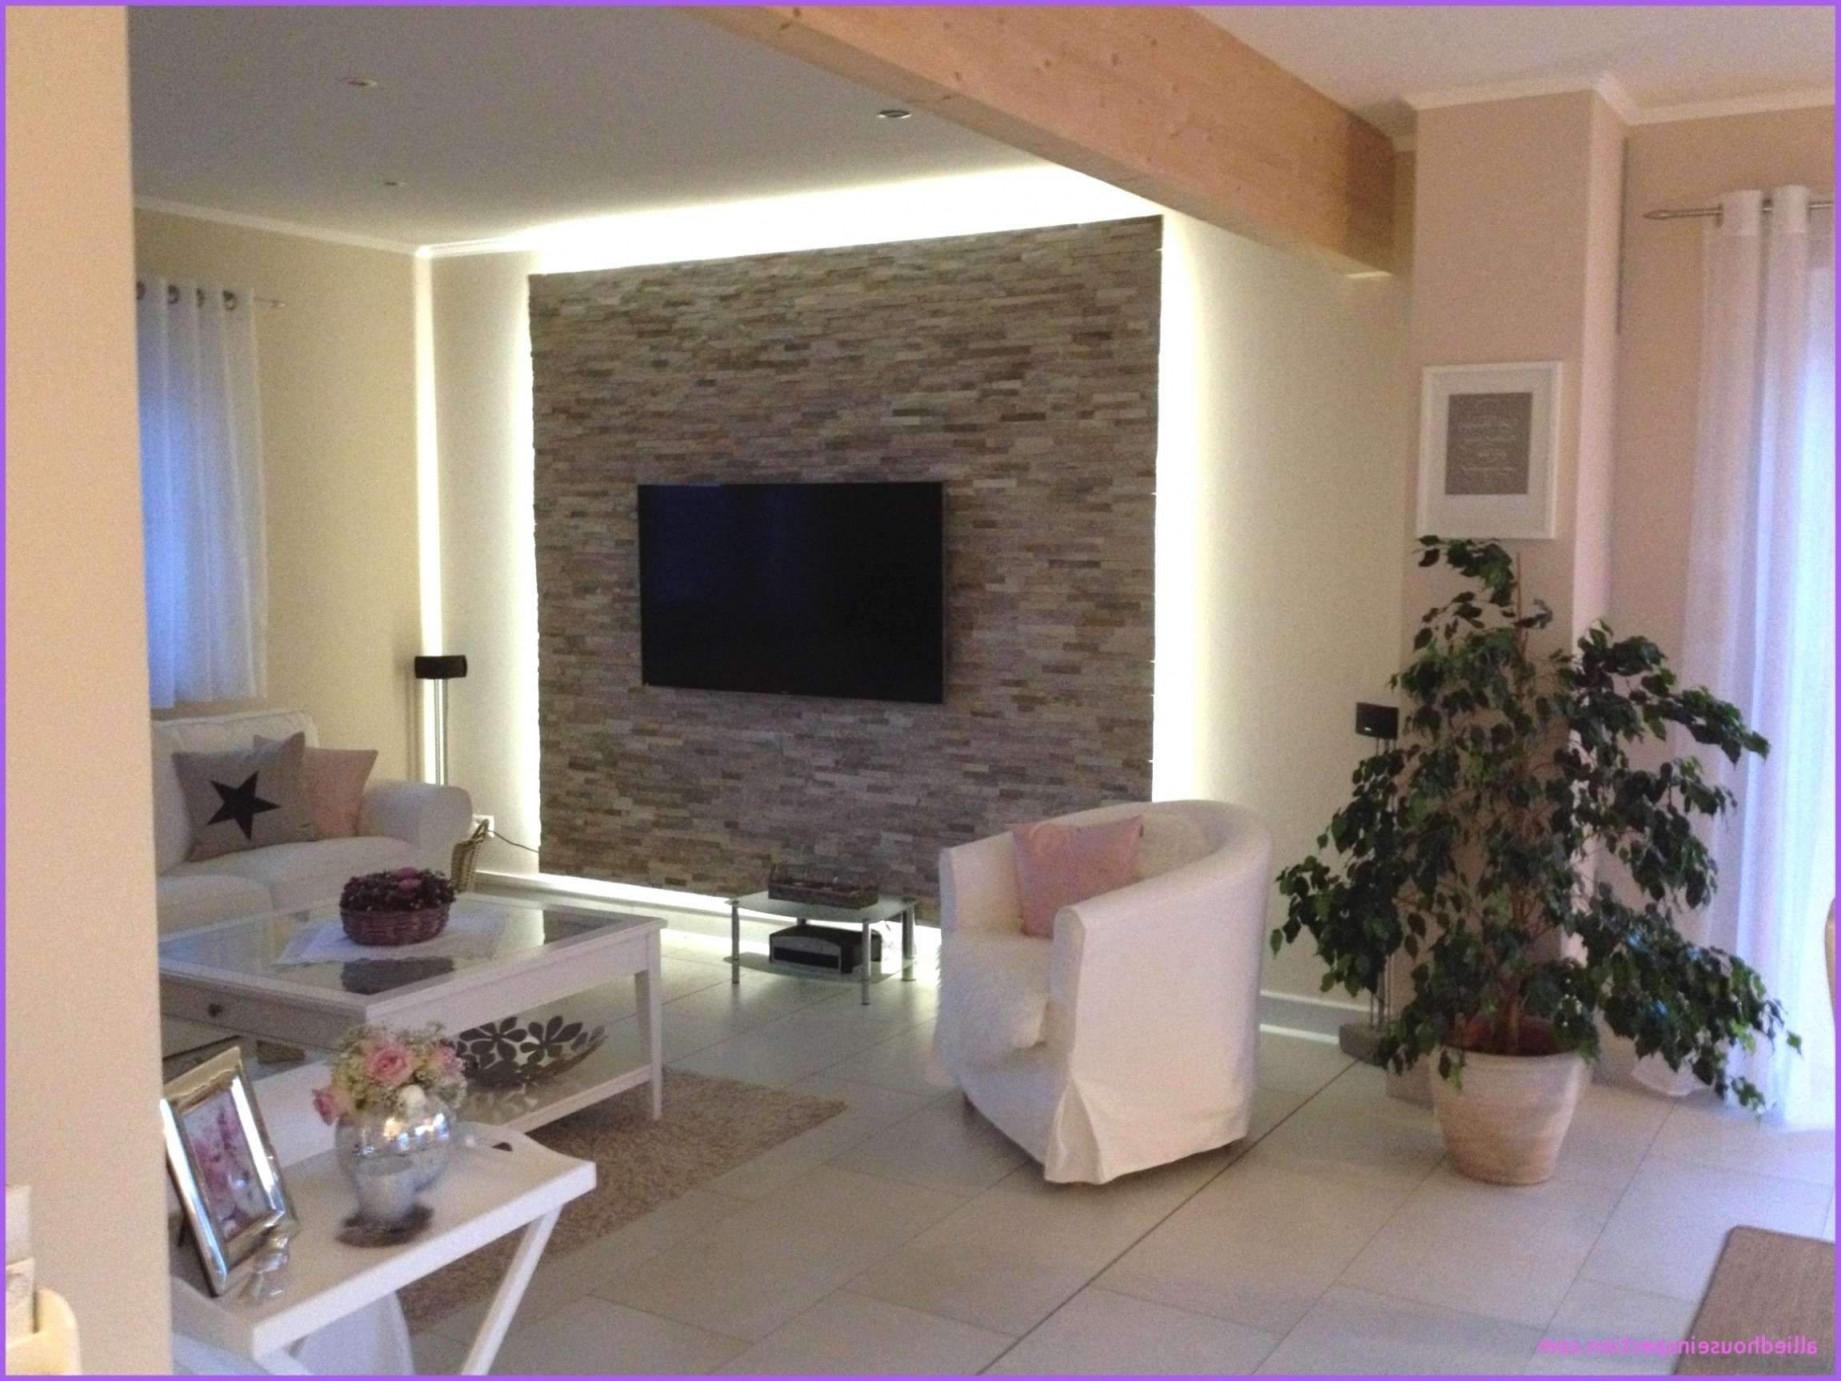 40 Schön Wohnzimmer Design Ideen Reizend  Wohnzimmer Frisch von Ideen Bilder Wohnzimmer Bild